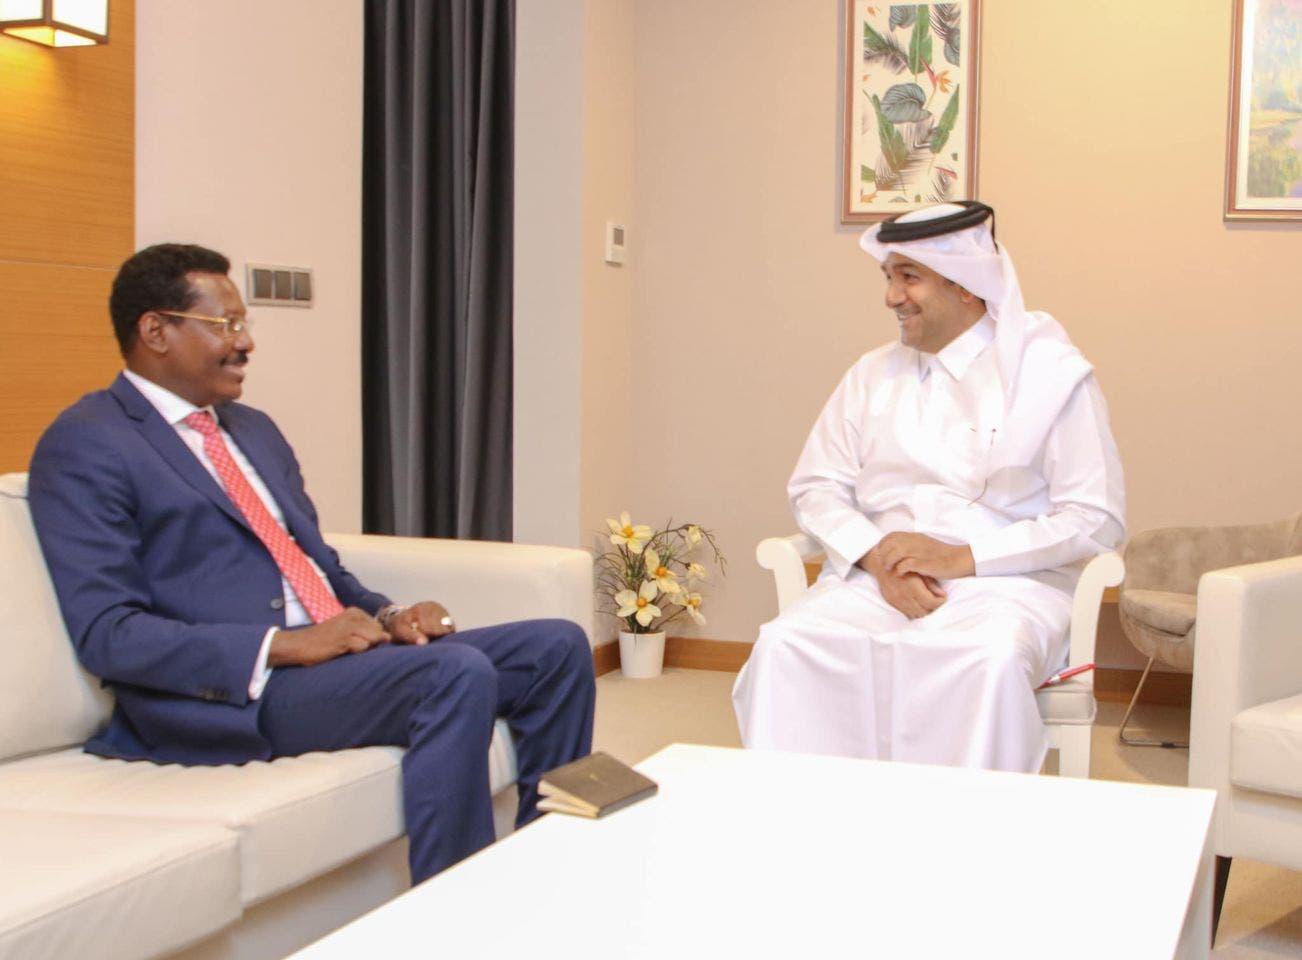 Sawirro: Muxuu ergeyga dowladda Qatar kala hadlay Qoor Qoor iyo Guudlaawe?